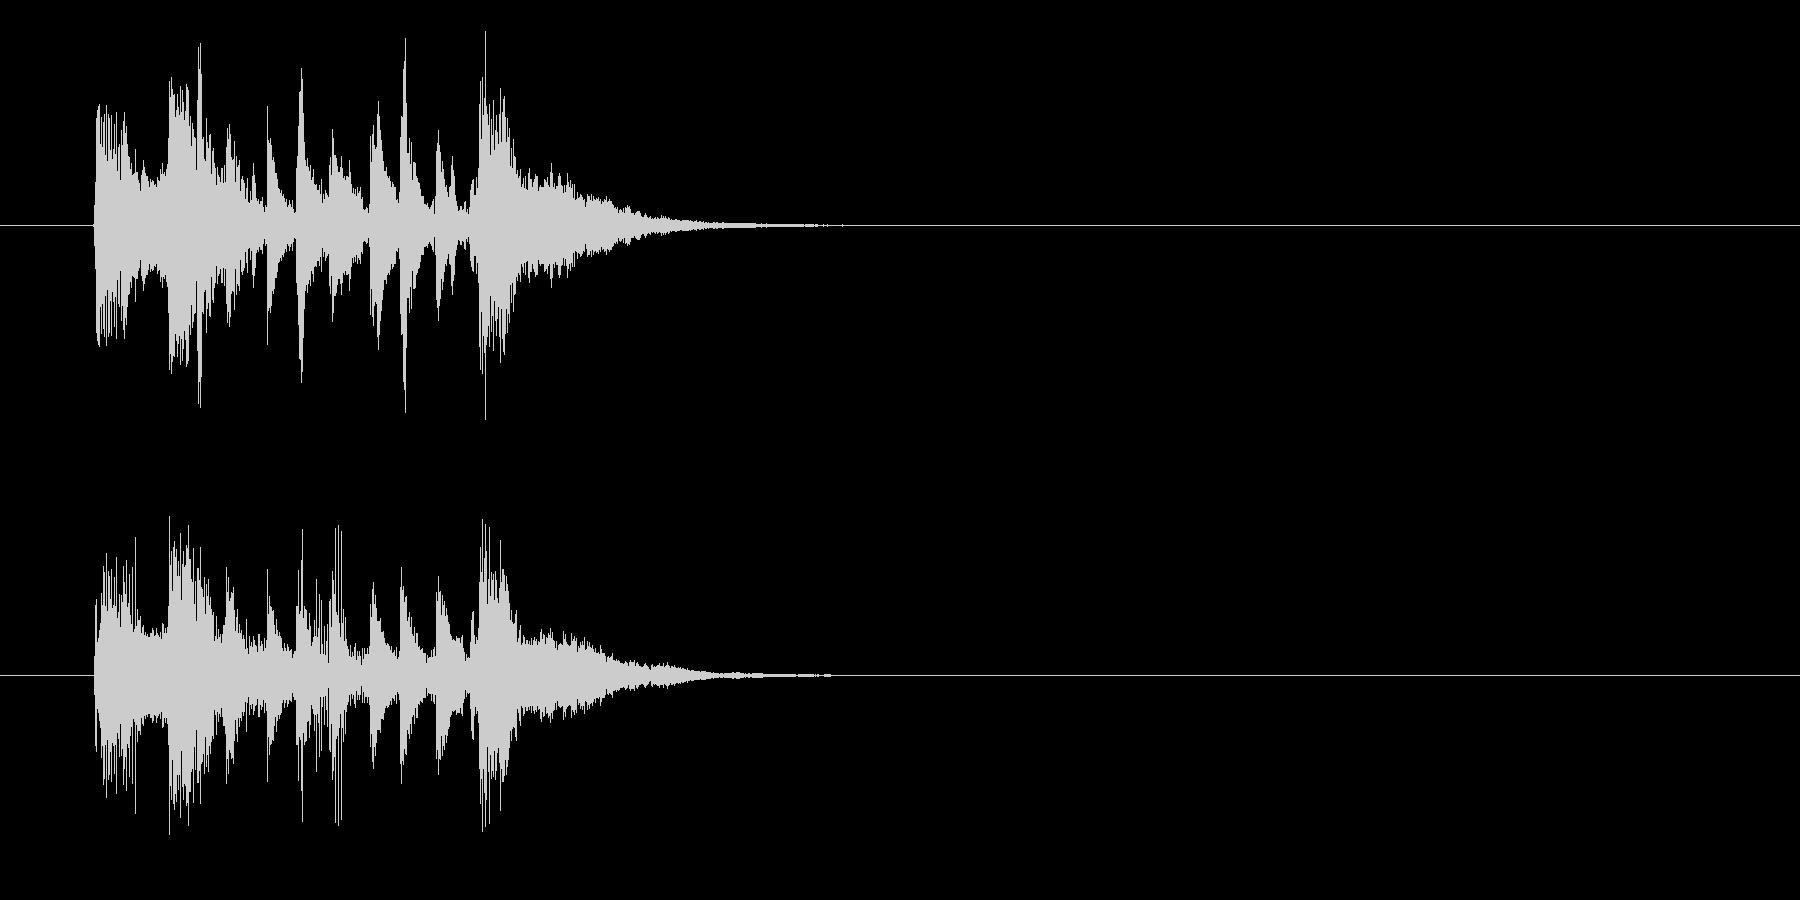 ジングル/実験結果(ラテン)の未再生の波形